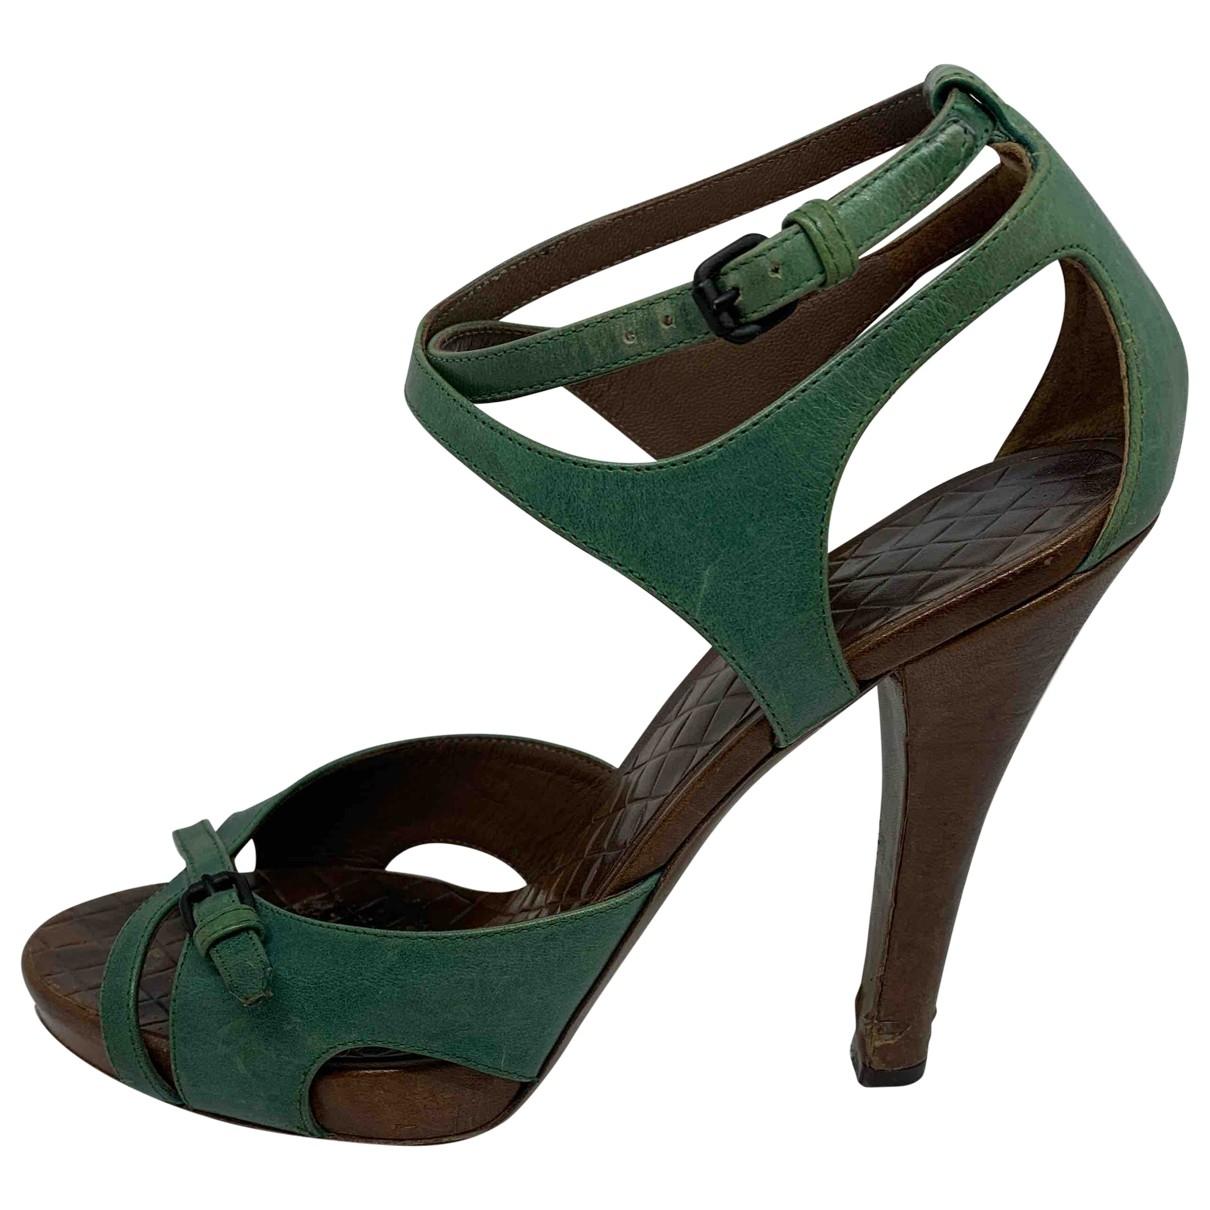 Bottega Veneta \N Green Leather Sandals for Women 38 EU